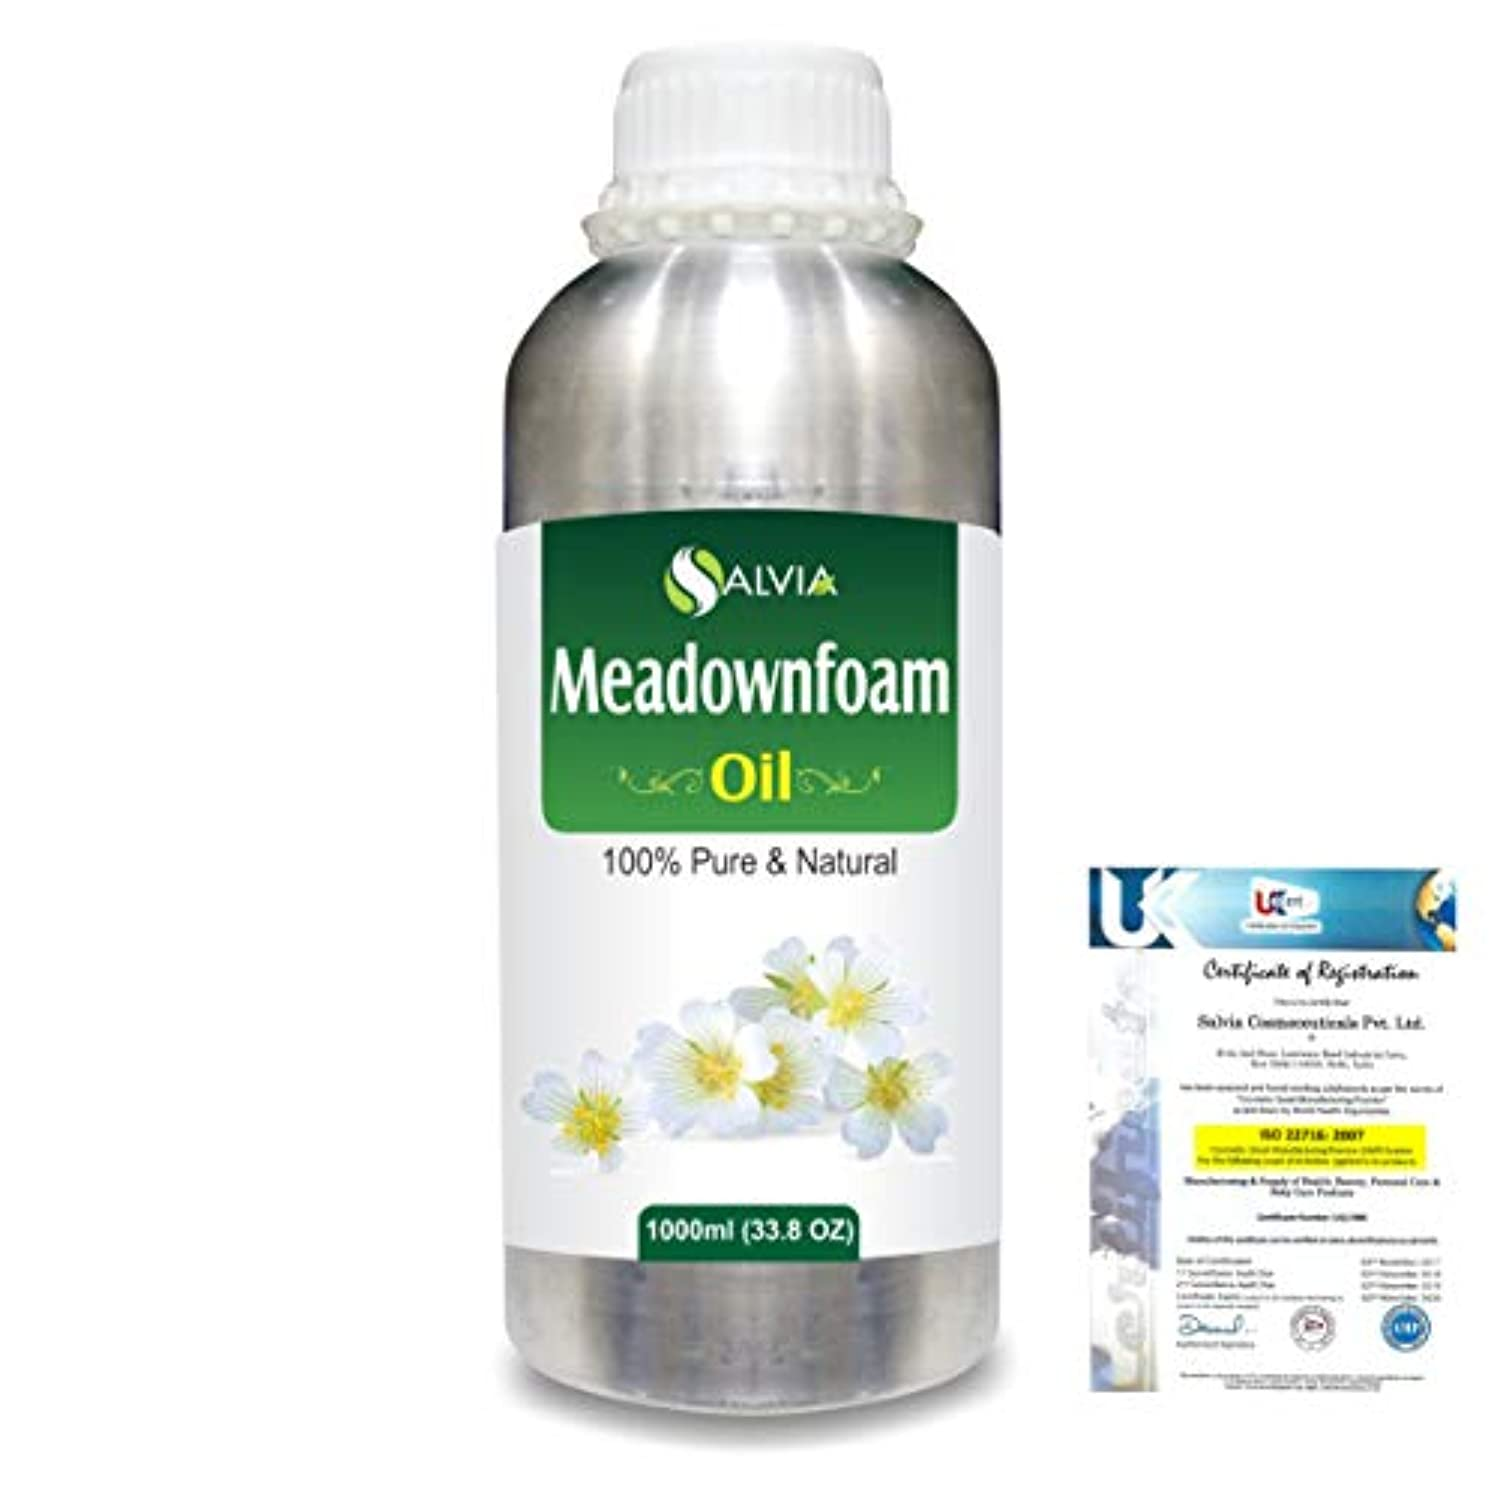 シュリンク近代化ランタンMeadowfoam Seed (Limnanthes alba)100% Natural Pure Carrier Oil 1000ml/33.8fl.oz.